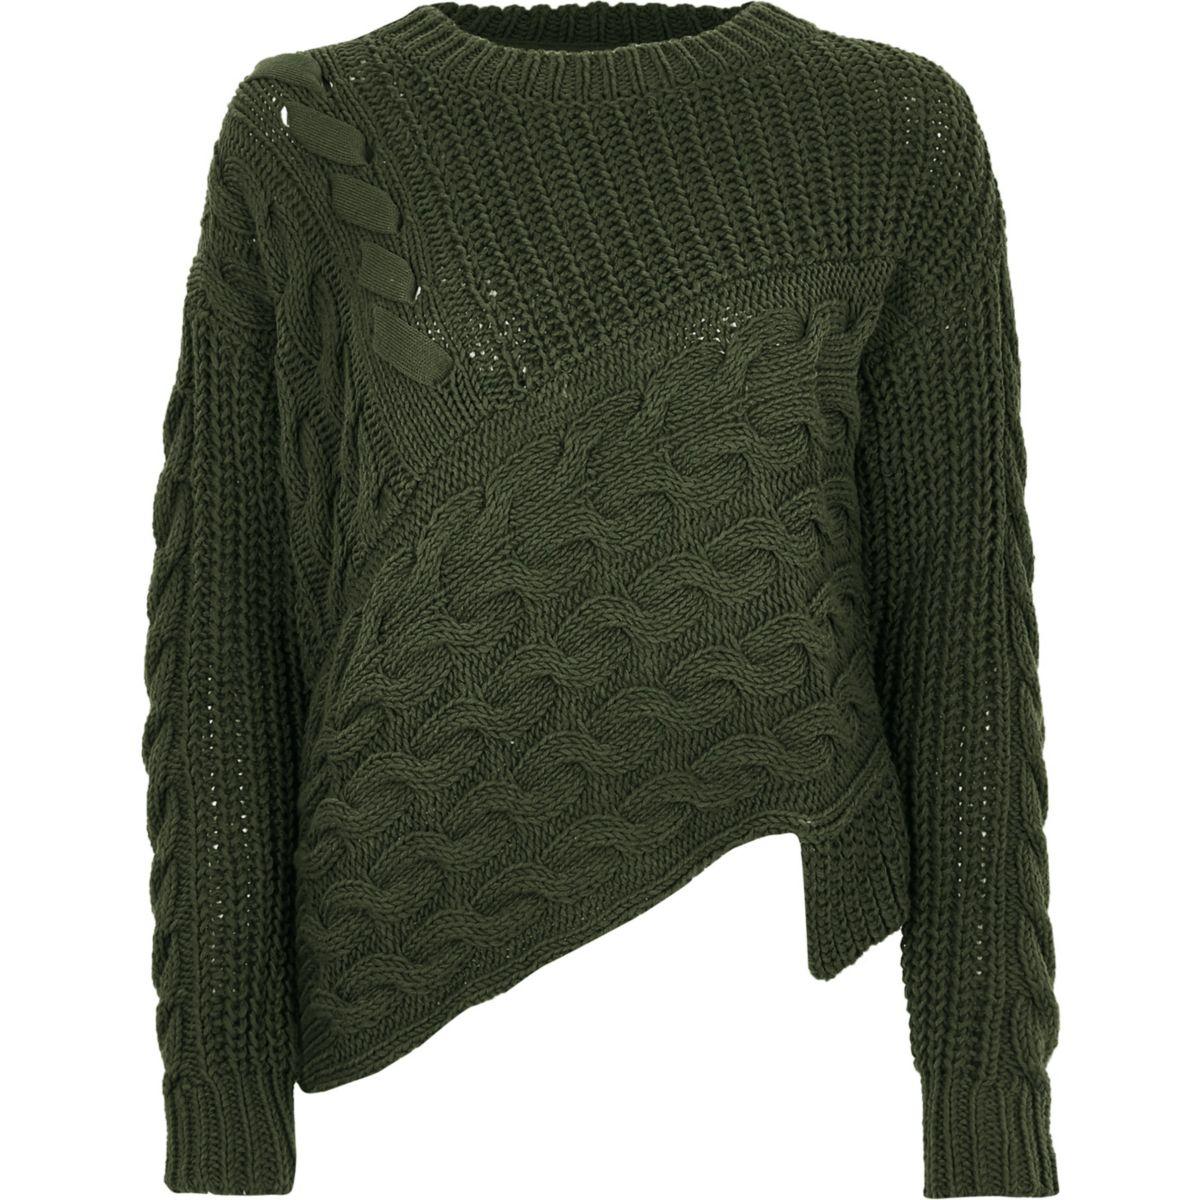 Khaki green cable knit asymmetric jumper